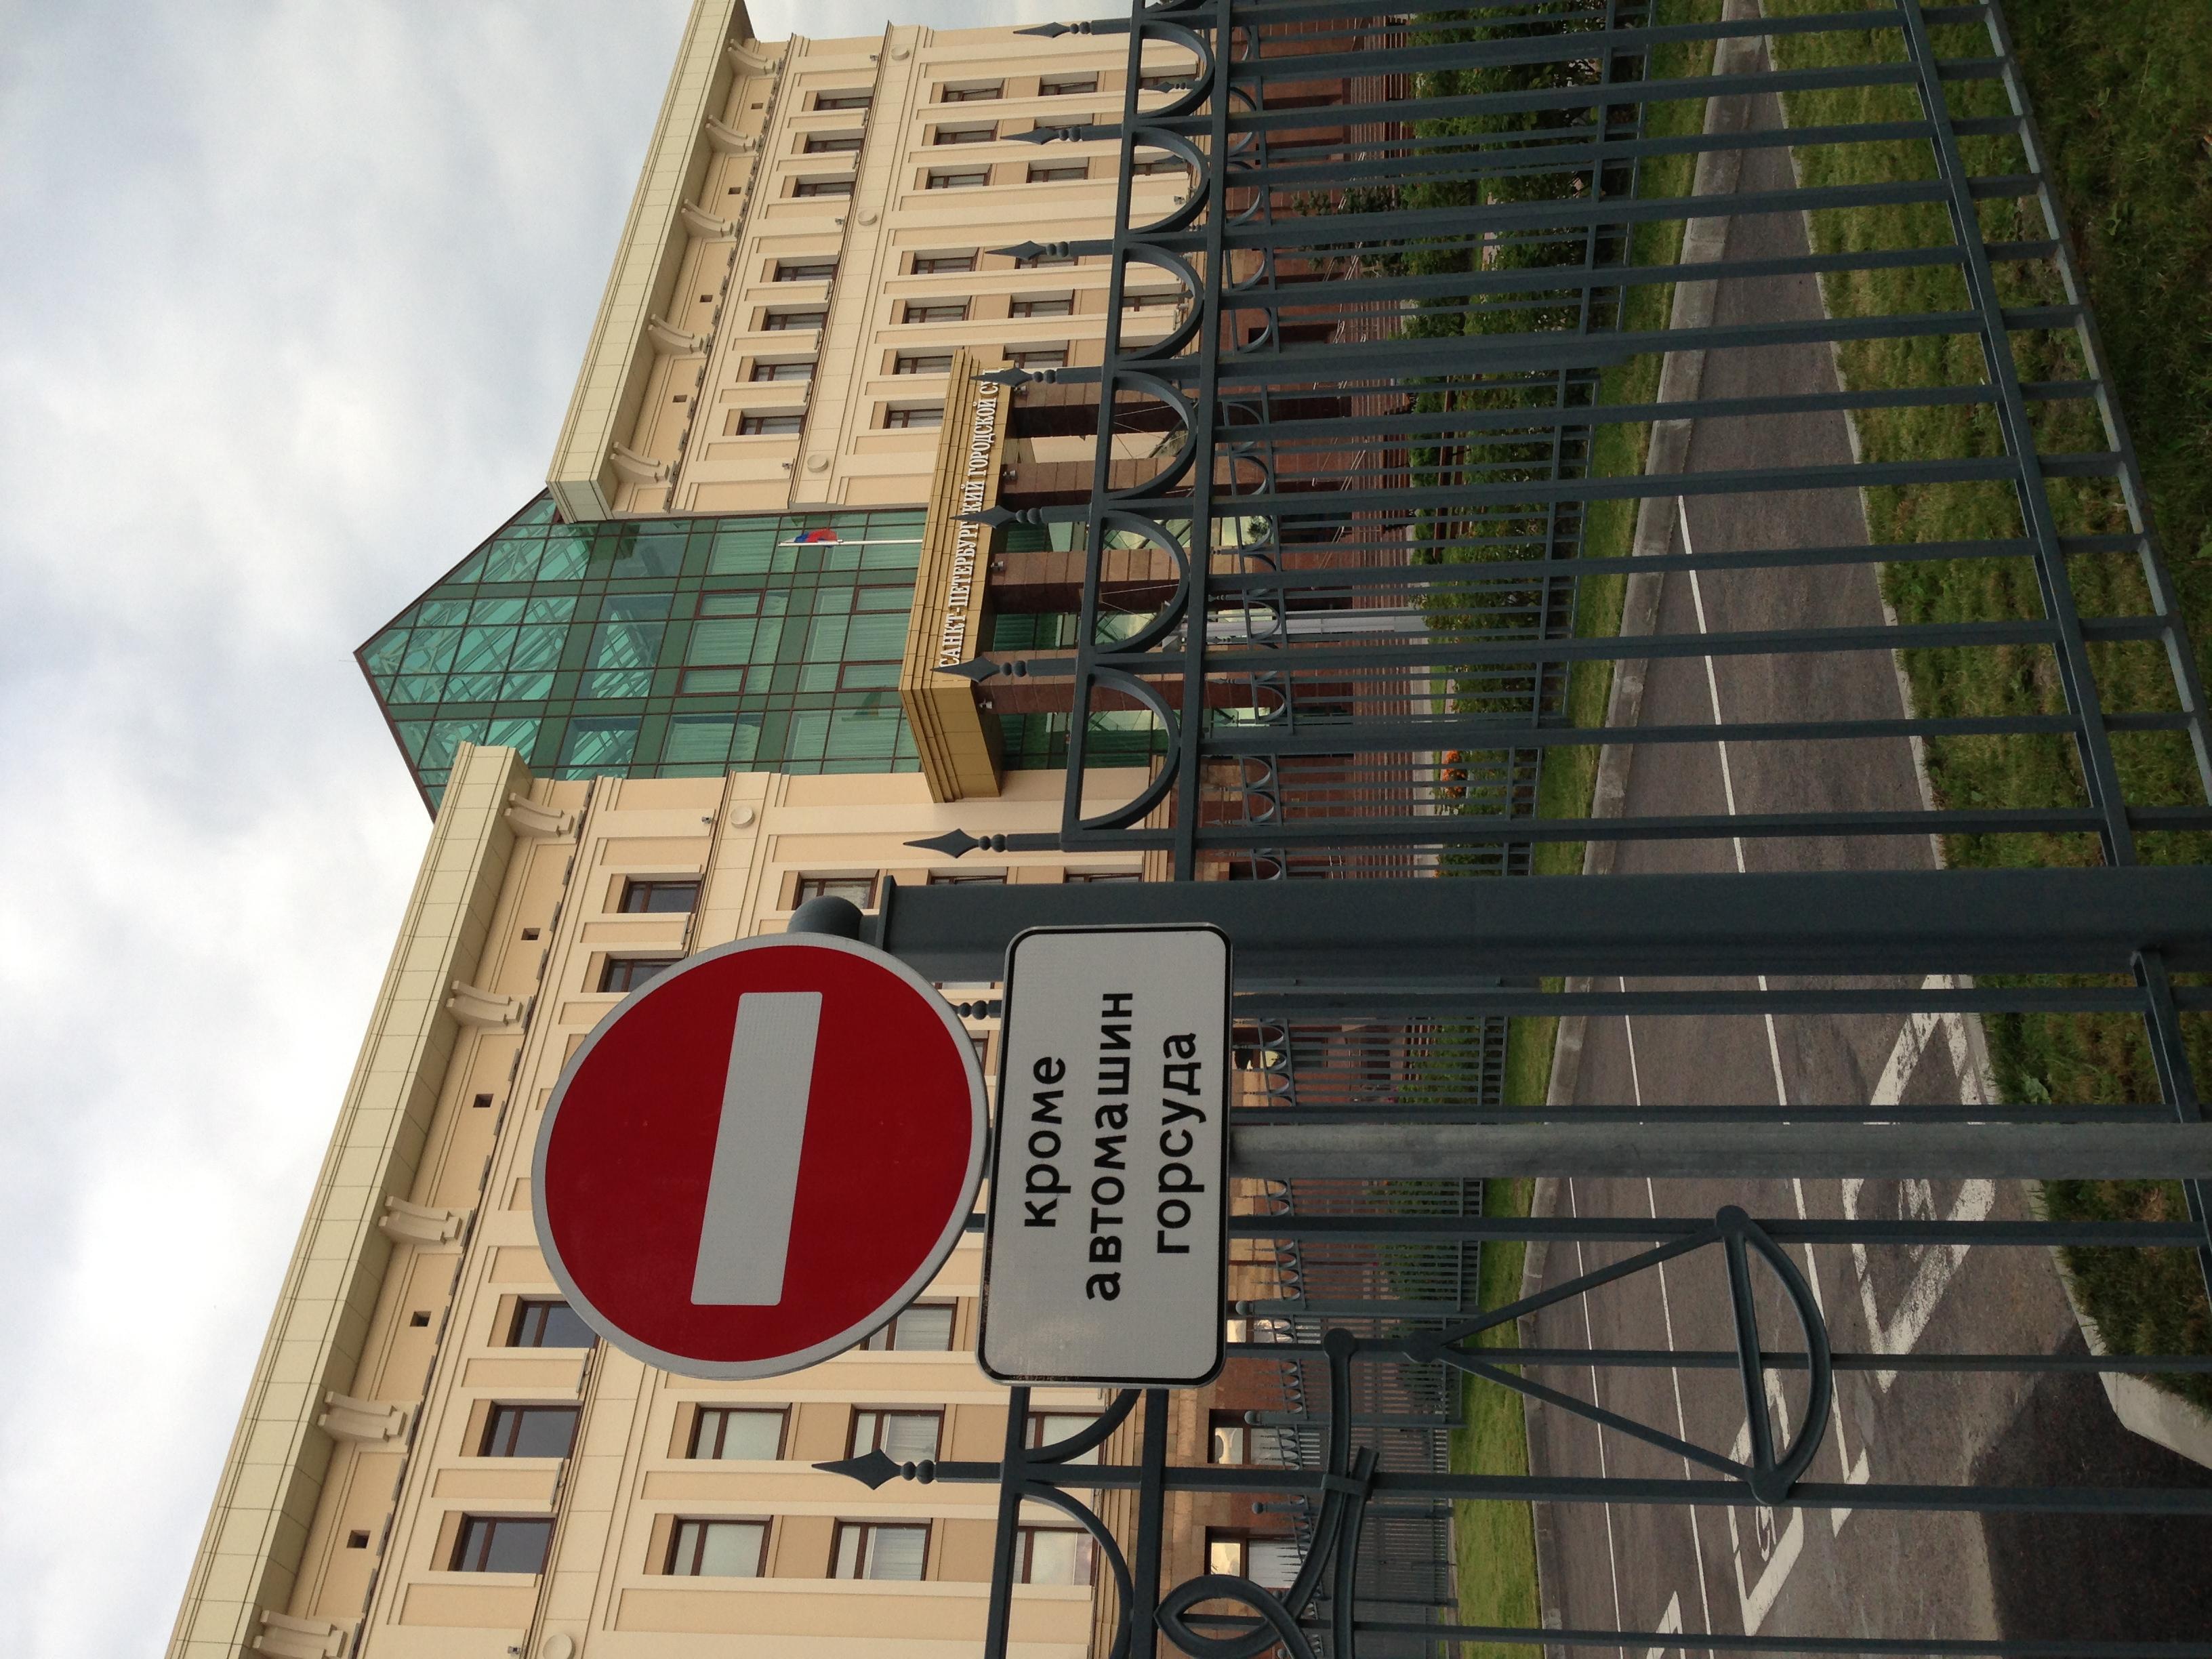 таблички под знаком въезд